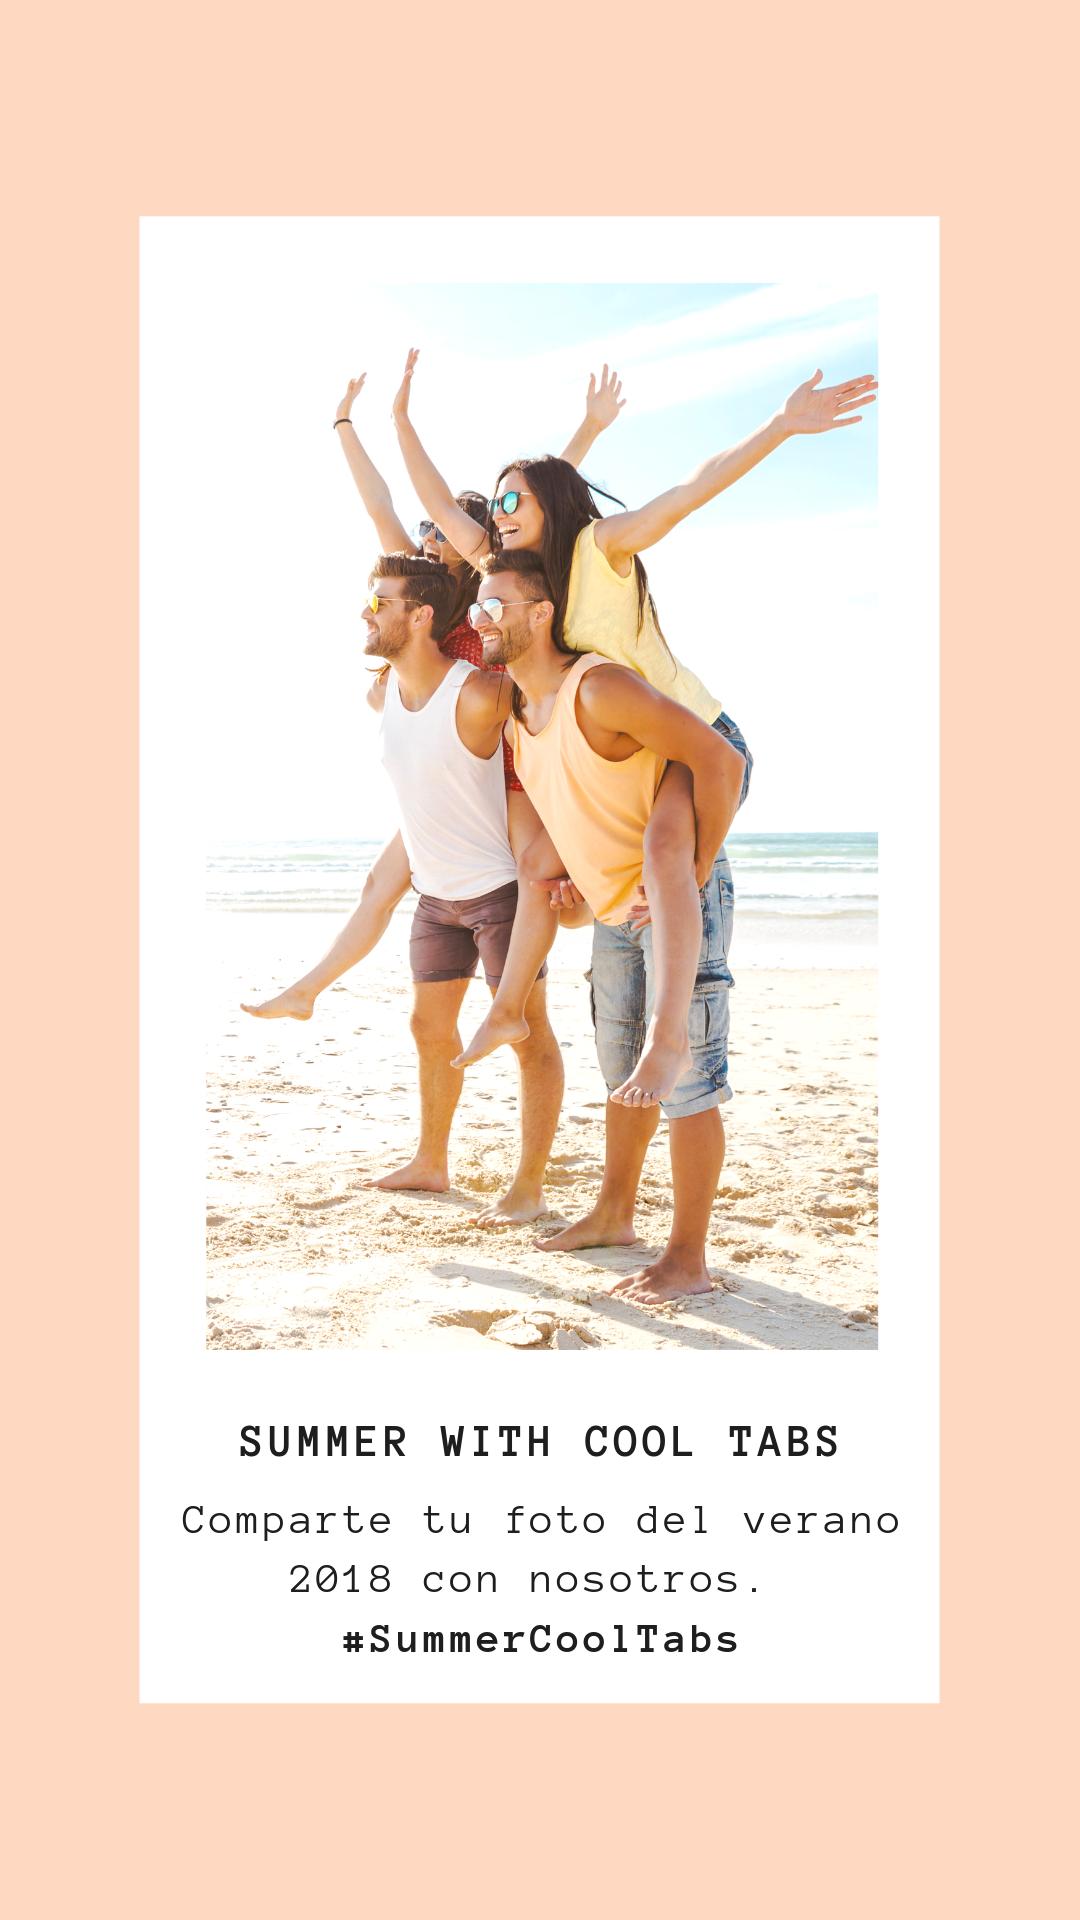 sorteo-en-instagram-stories-Summer-with-cool-tabs